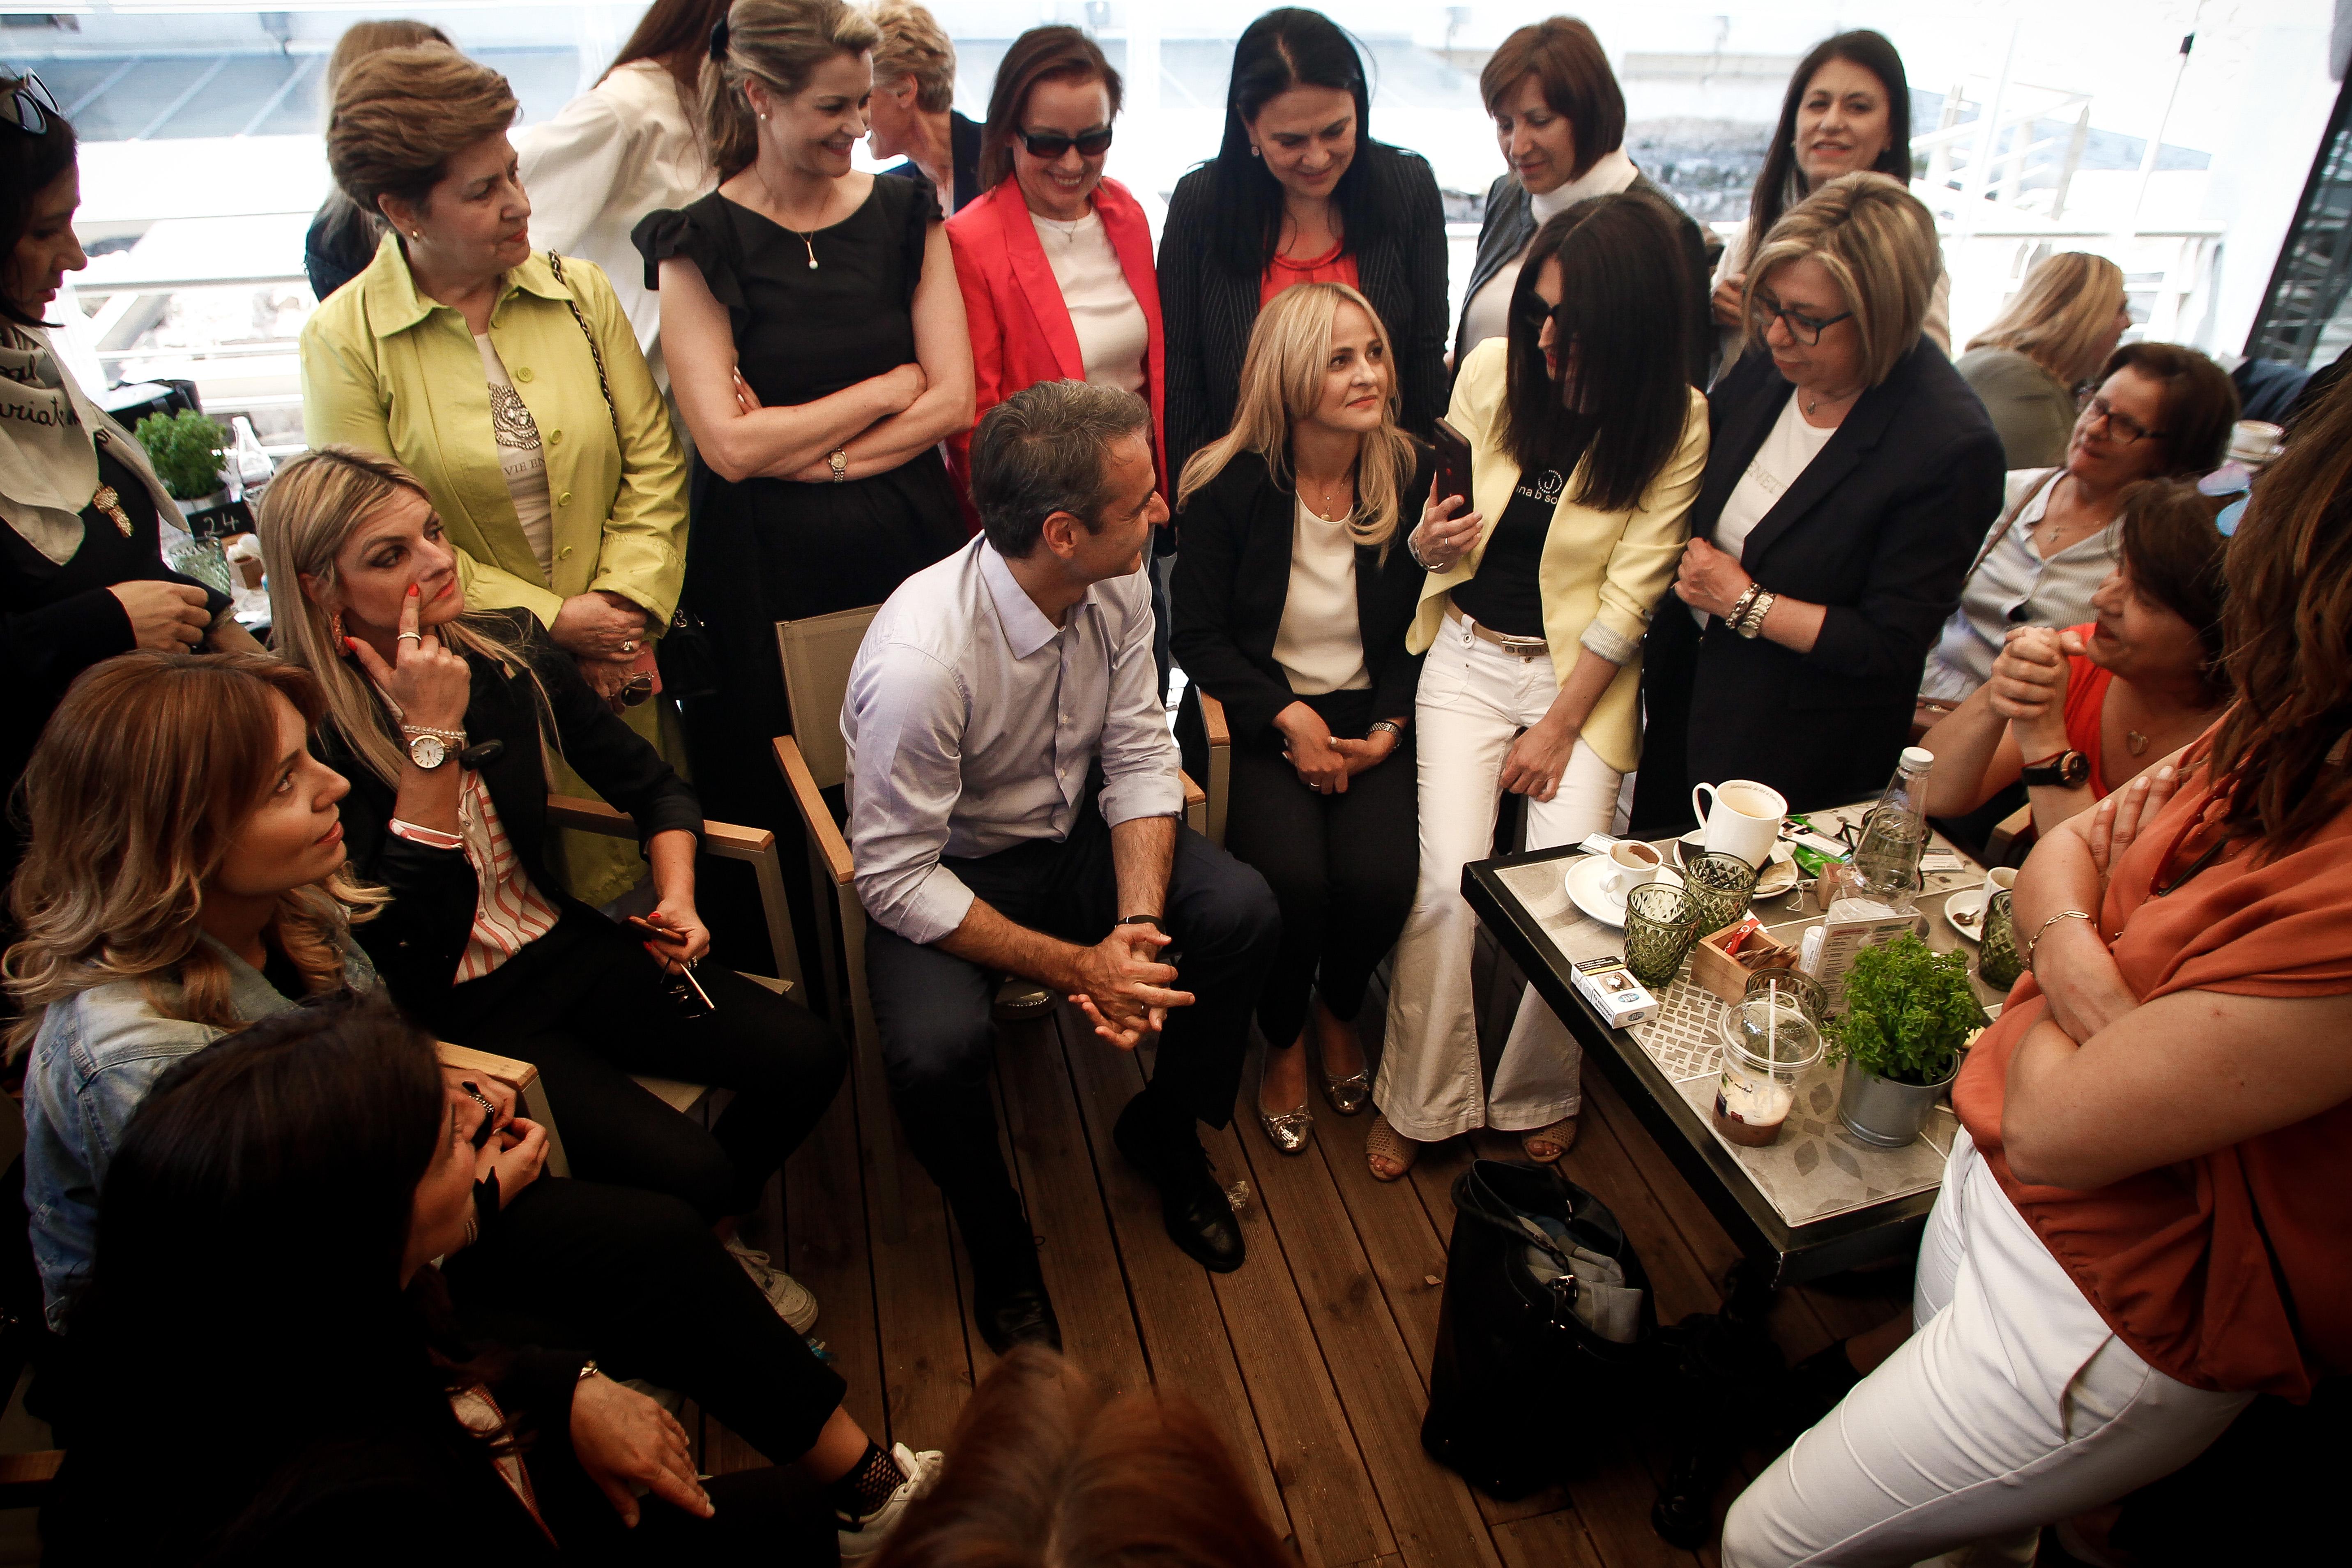 Ο Κυριάκος Μητσοτάκης συνομιλεί με γυναίκες στα Τρίκαλα